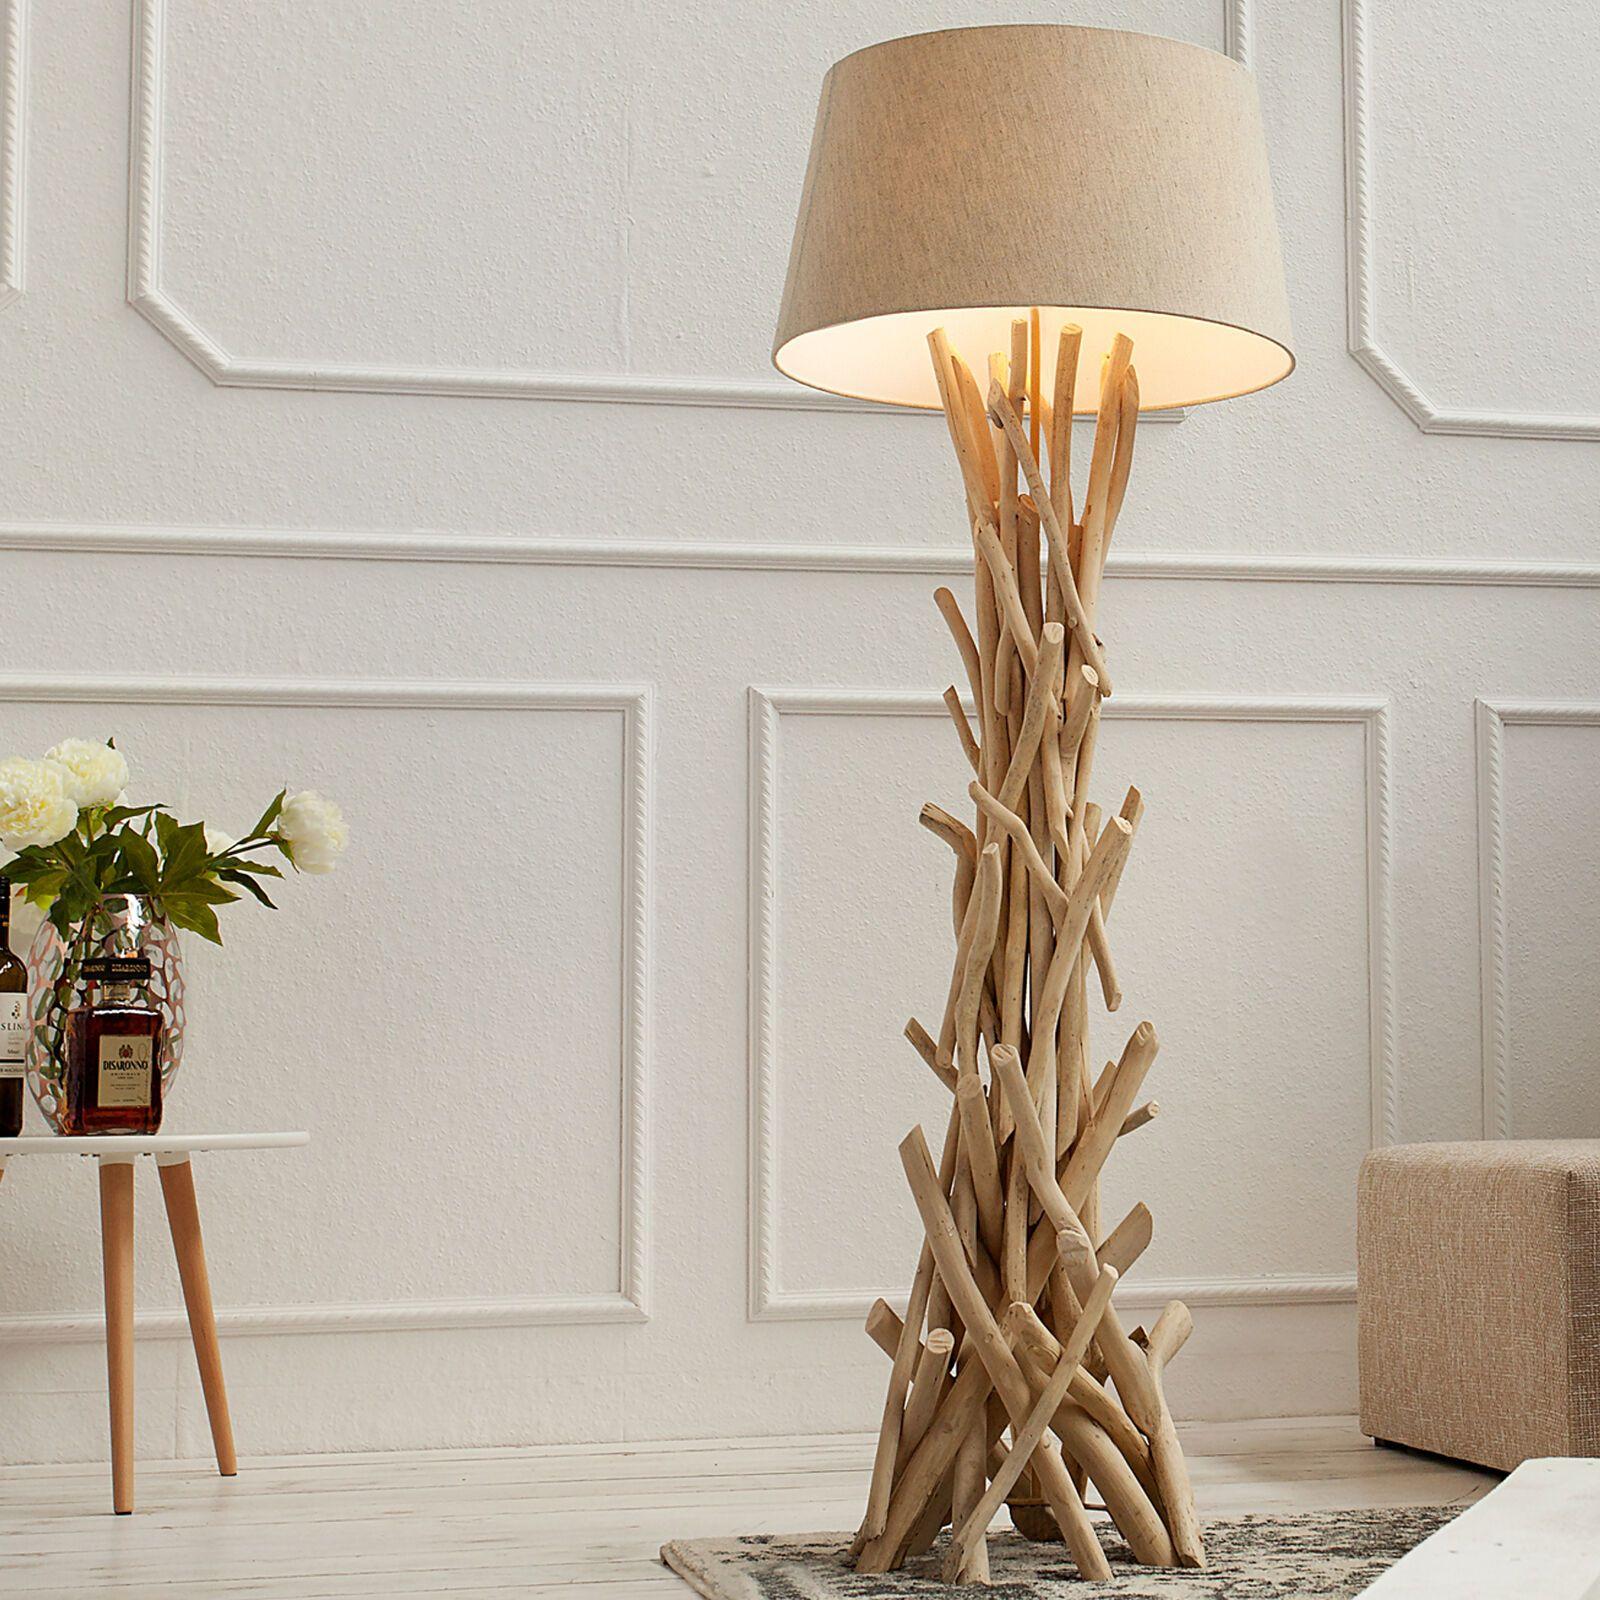 Details Zu Treibholz Stehlampe Wild Nature 155cm Stehleuchte Lampe